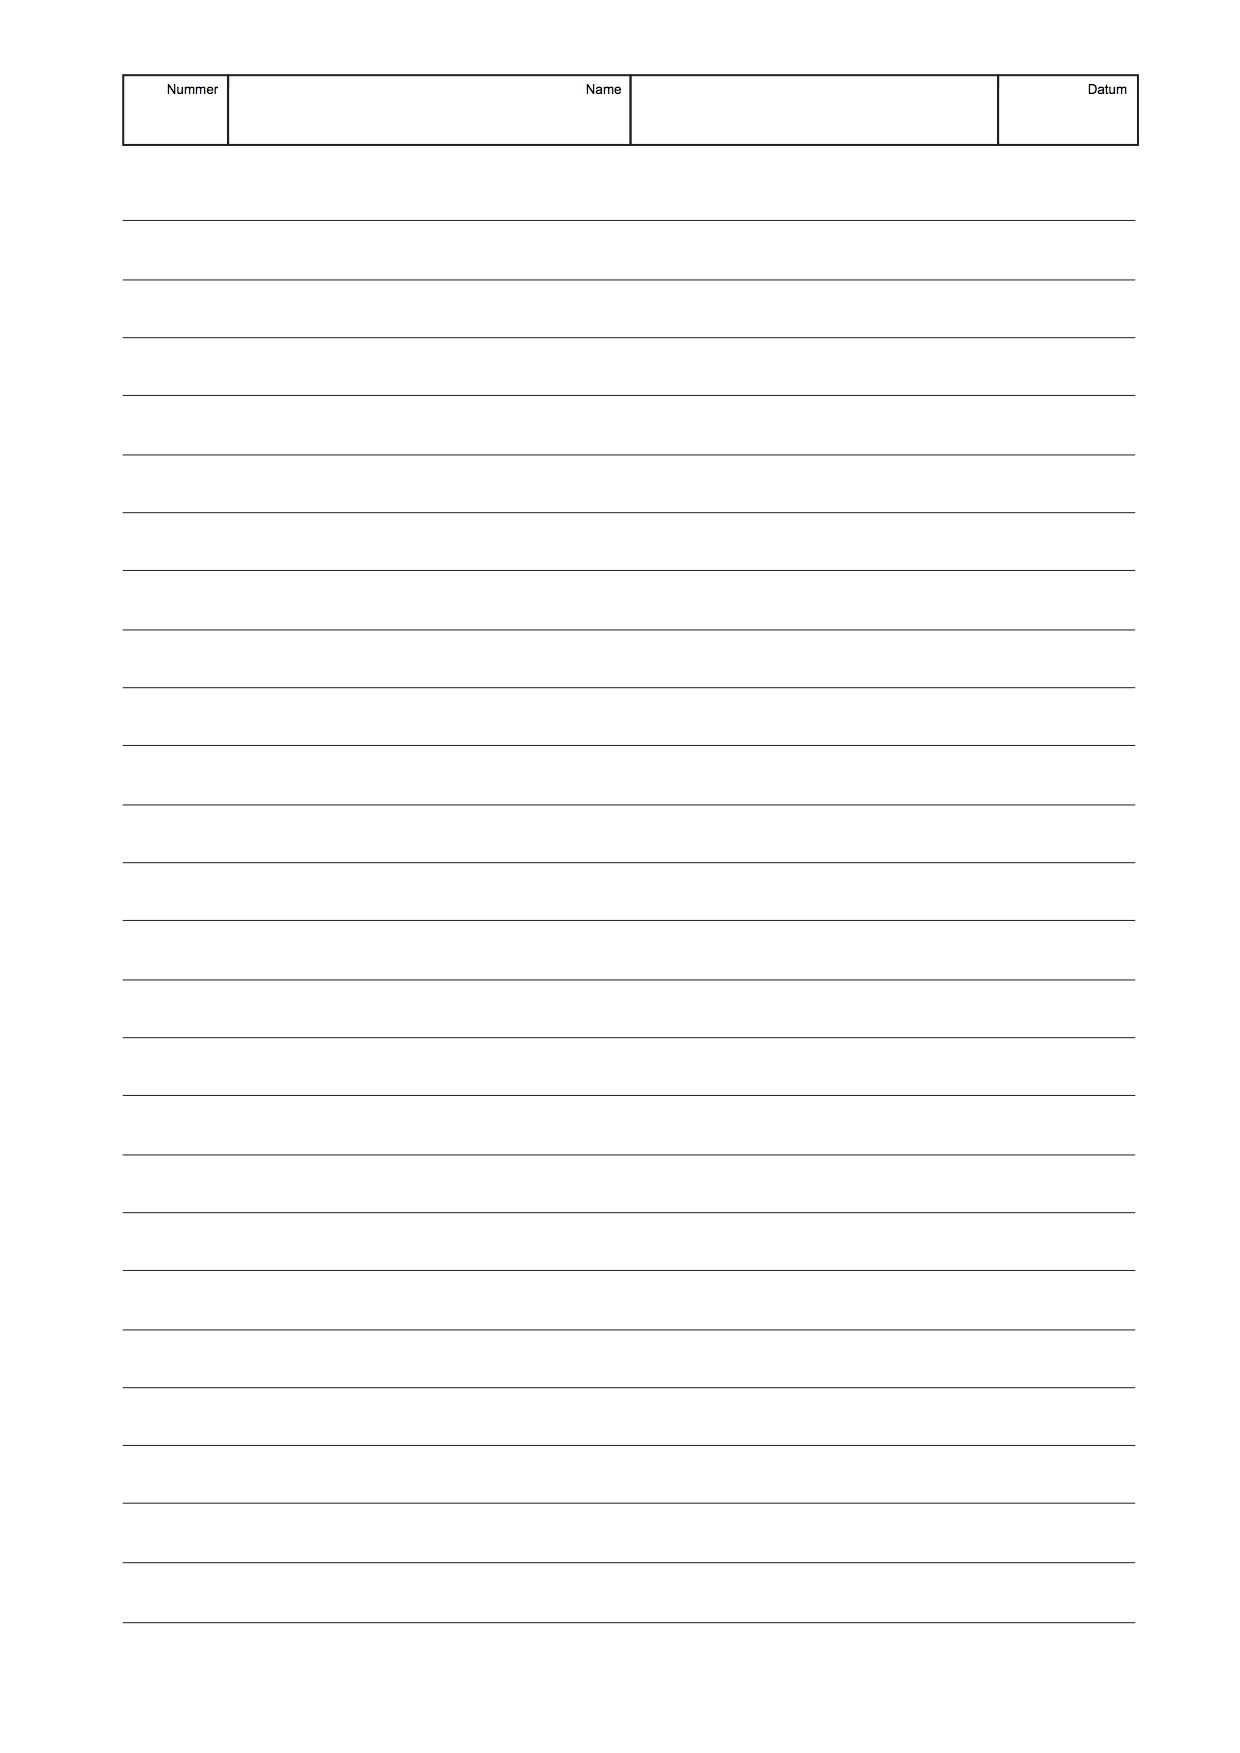 Schreibpapier Linien Einfach S W Papier Schreiben Ausdrucken